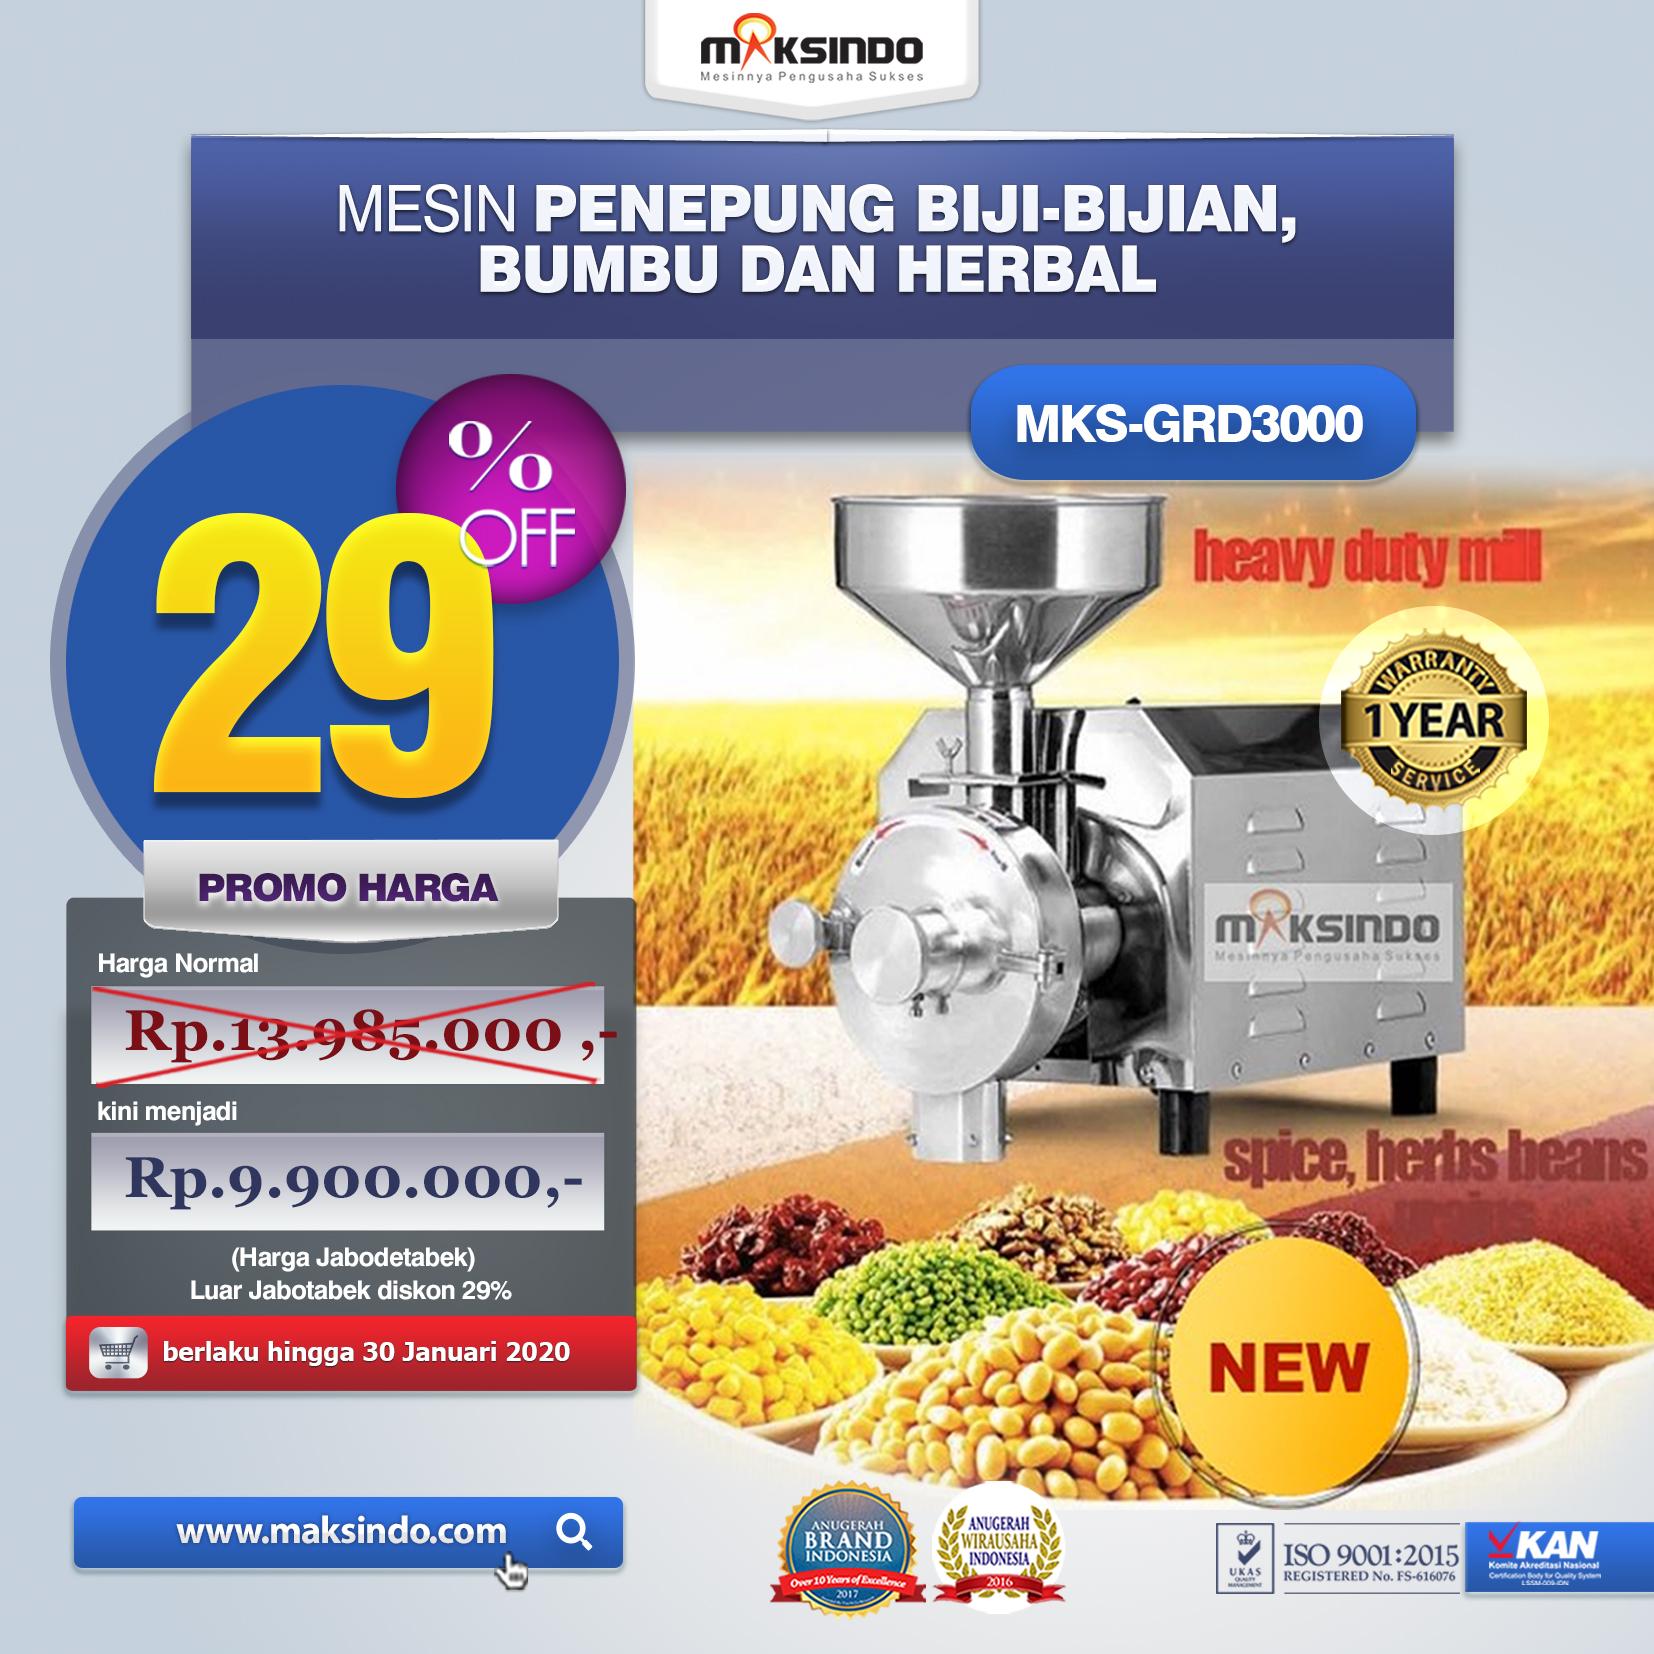 Jual Penepung Biji, Bumbu dan Herbal (GRD3000) di Tangerang